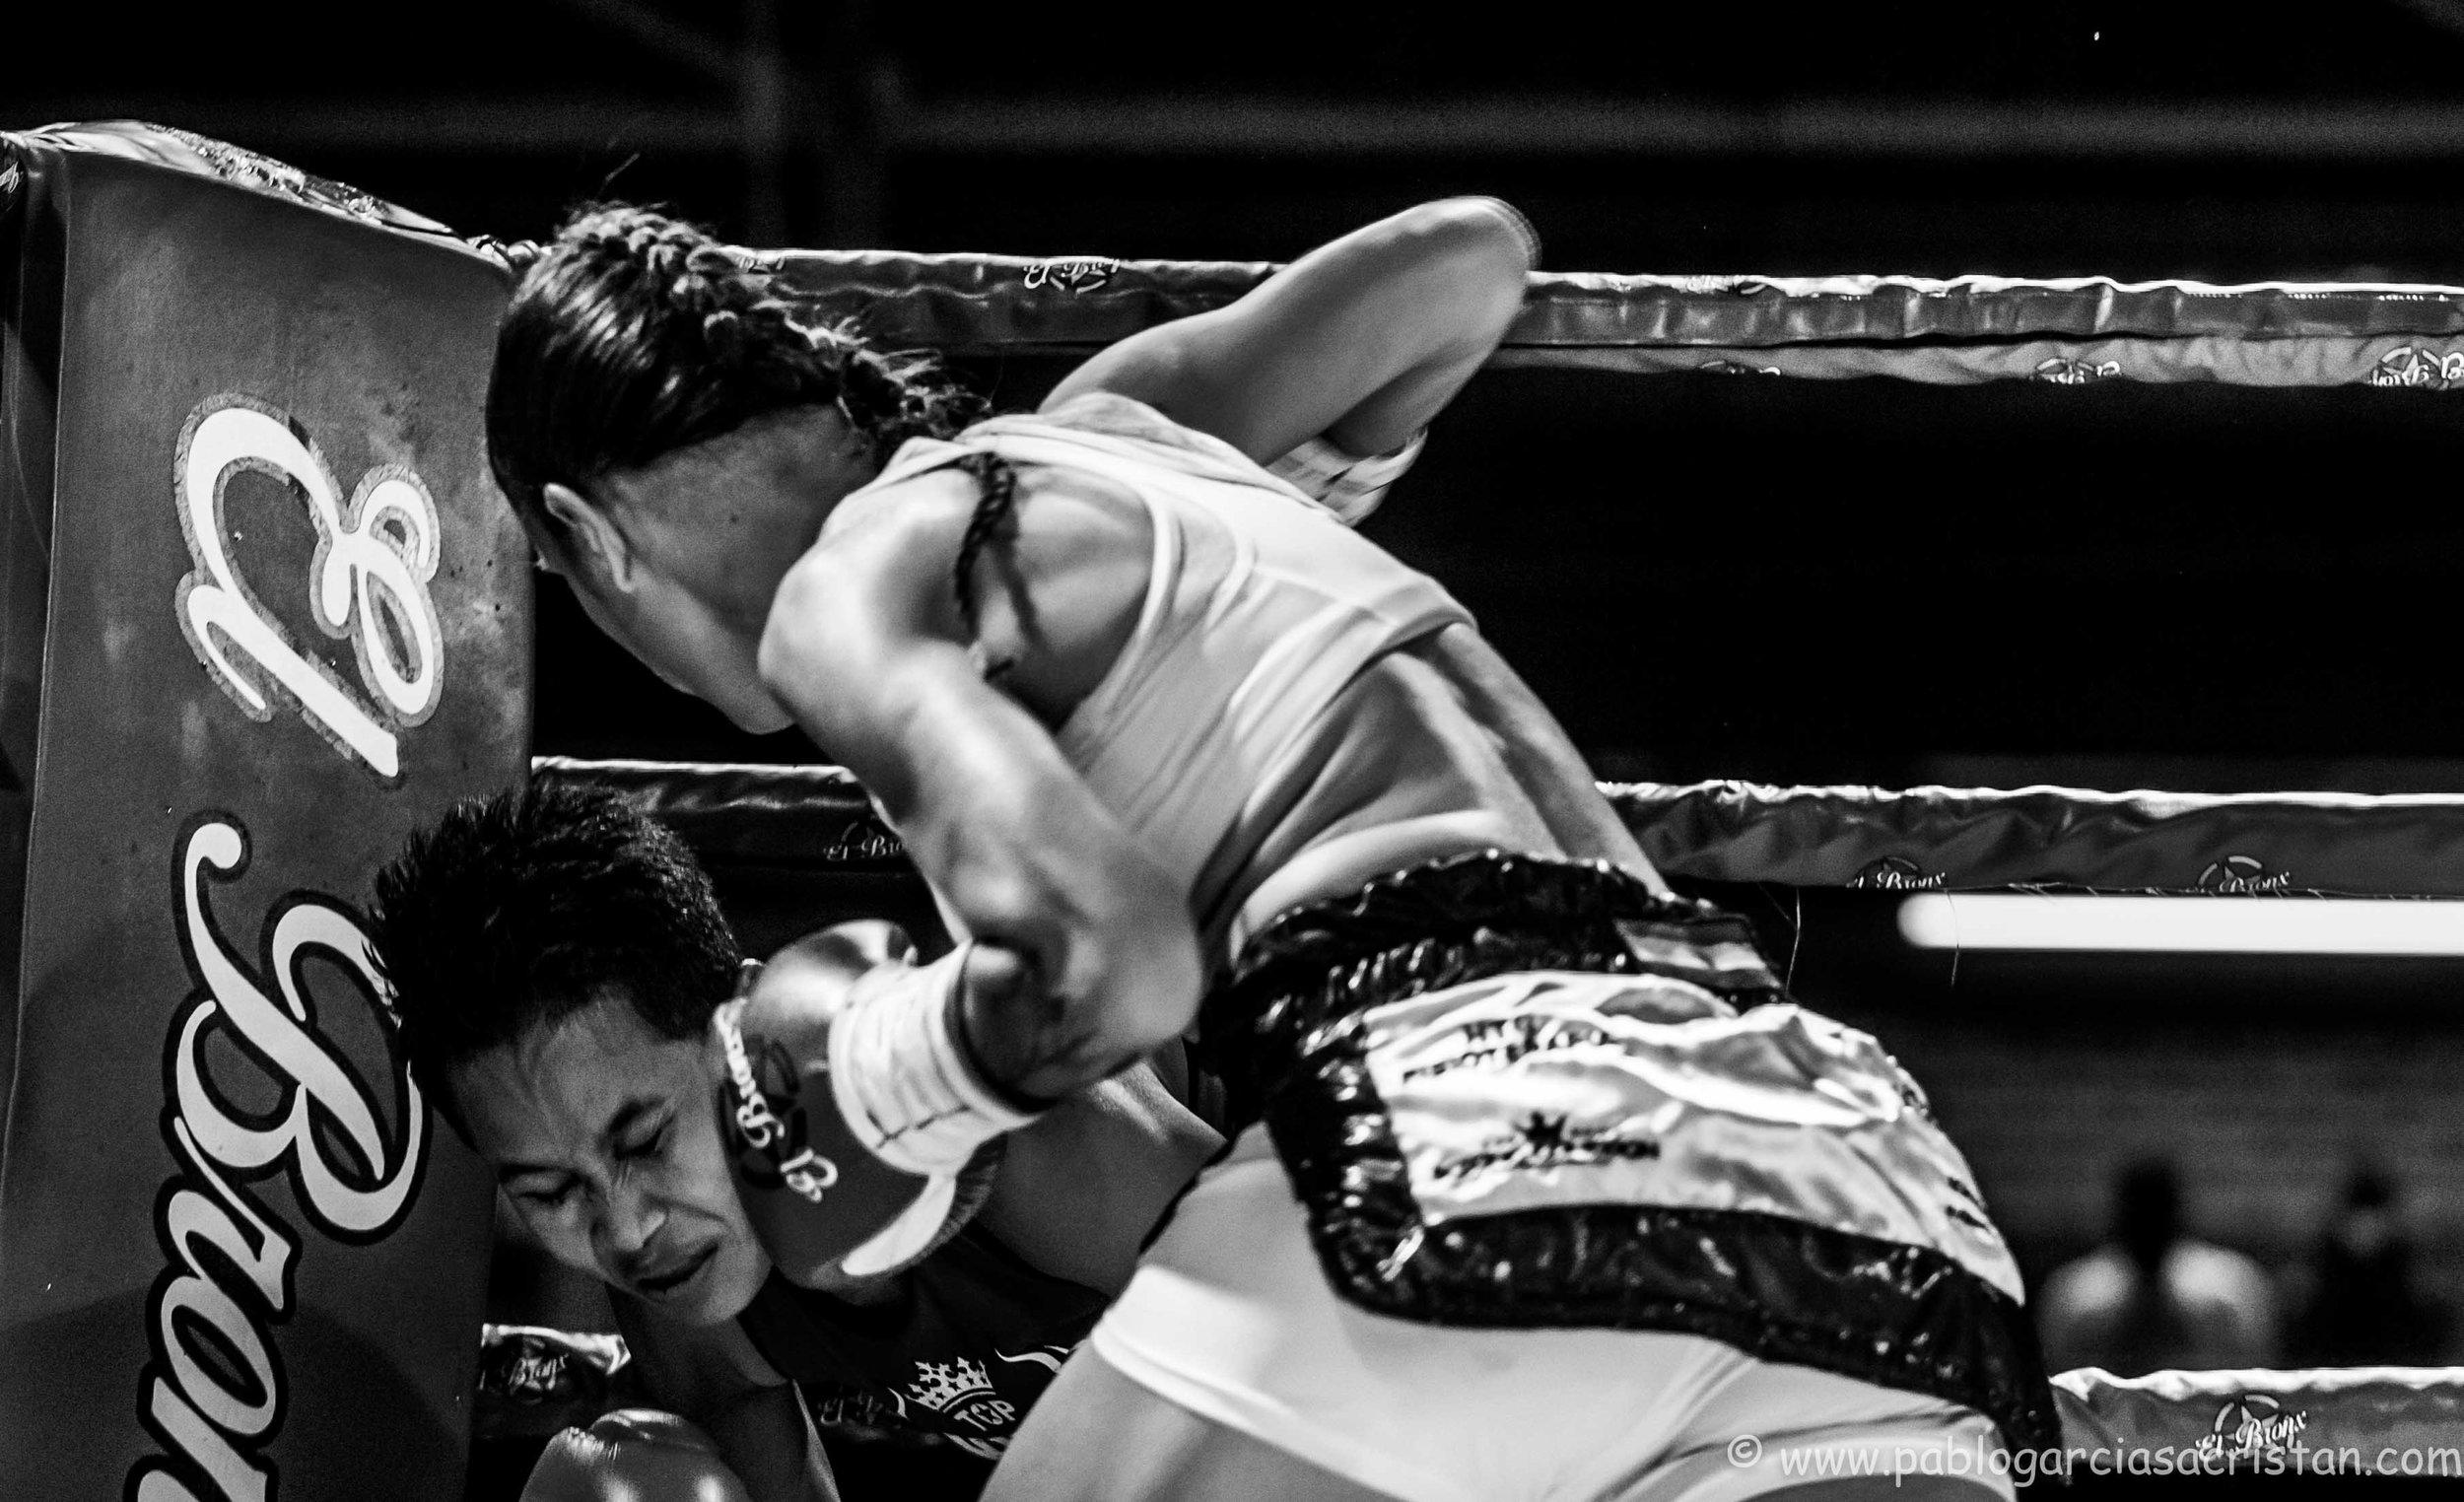 boxeo blanco y negro_3.jpg